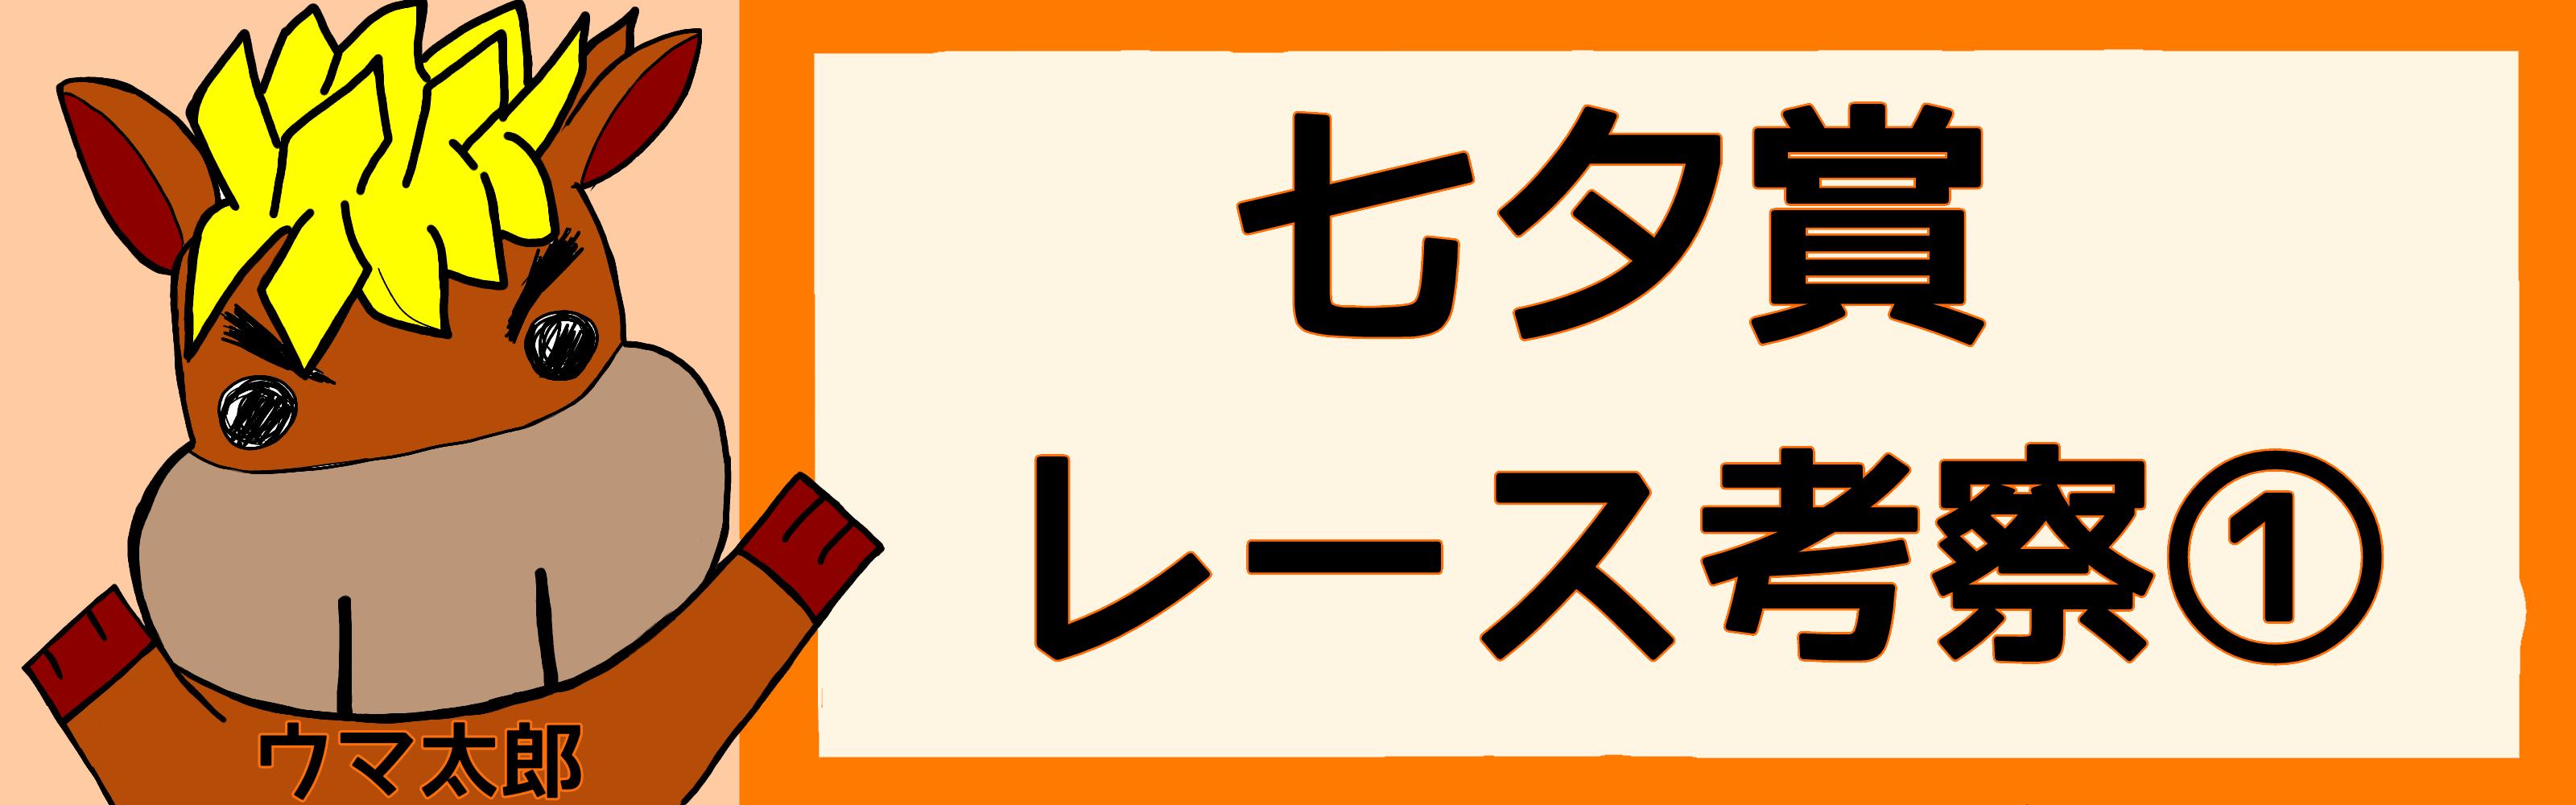 七夕賞 考察①